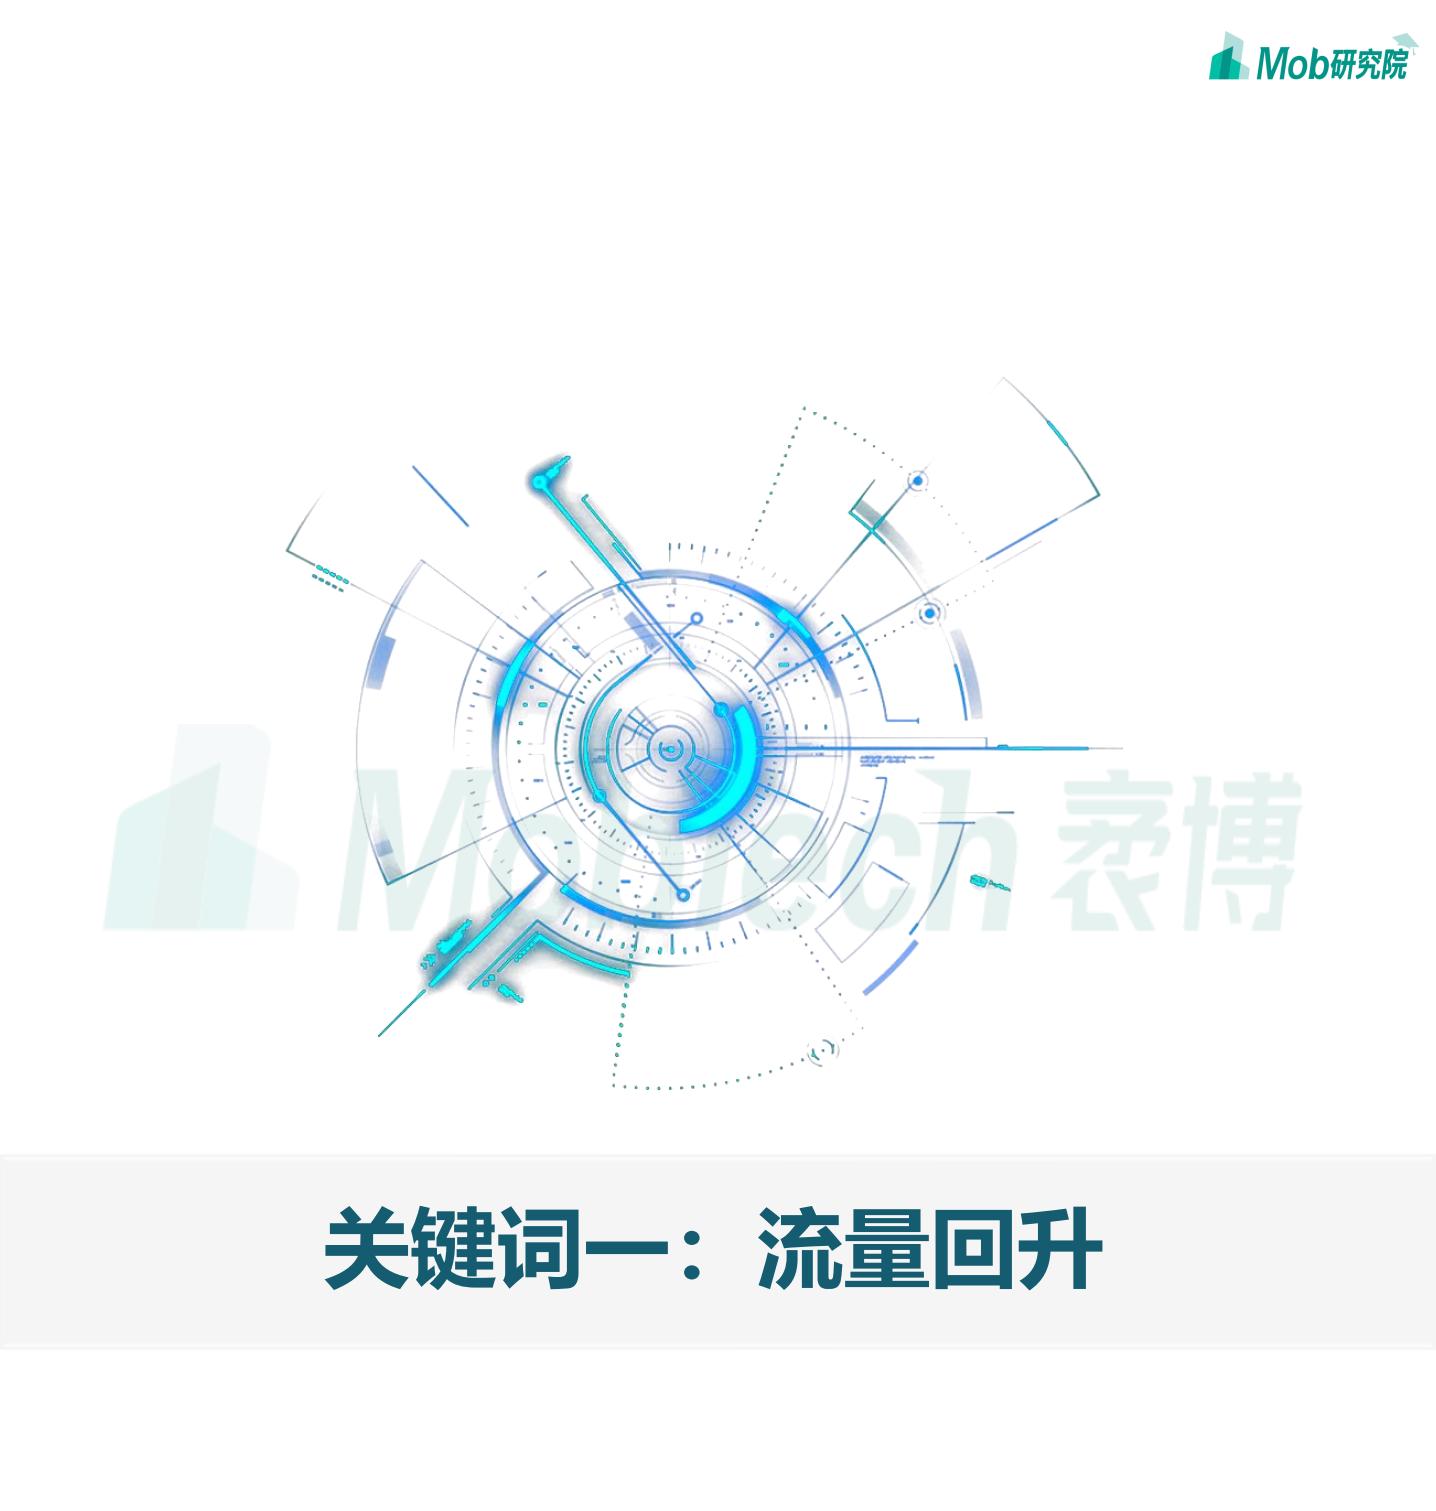 2021年中国移动互联网半年度大报告插图6